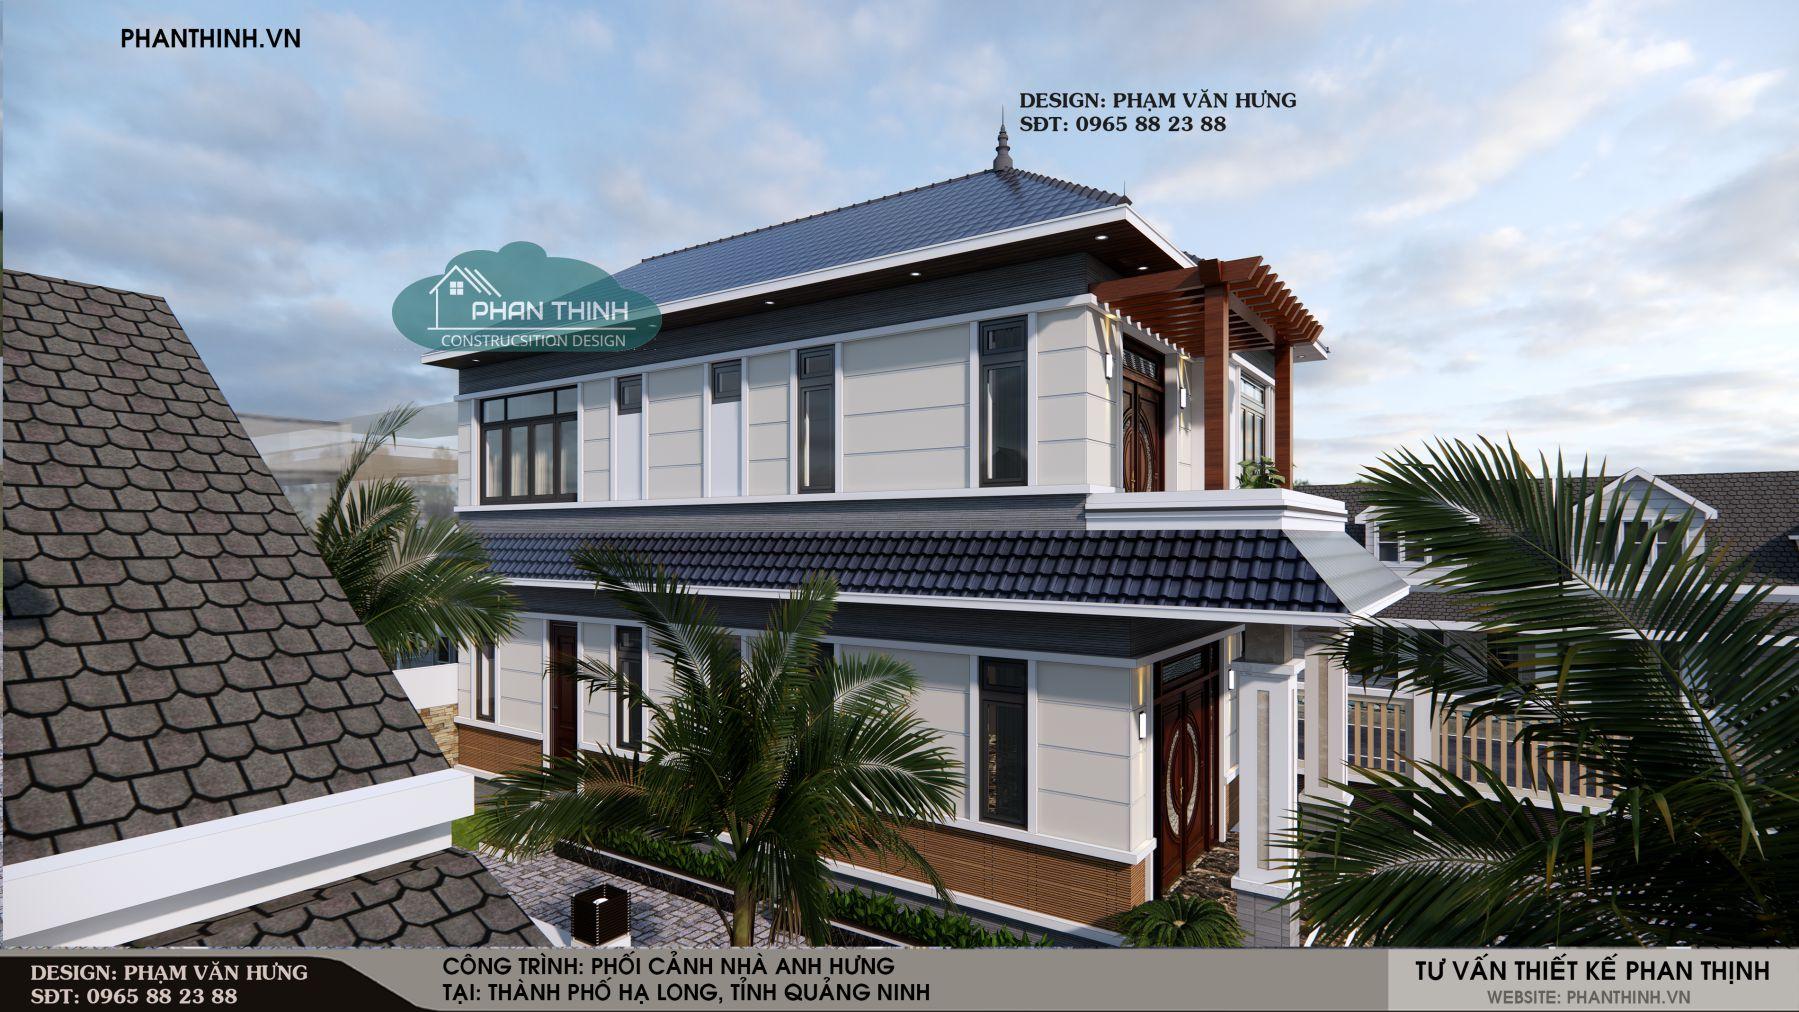 Mẫu biệt thự mái thái hiện đại tại Quảng Ninh